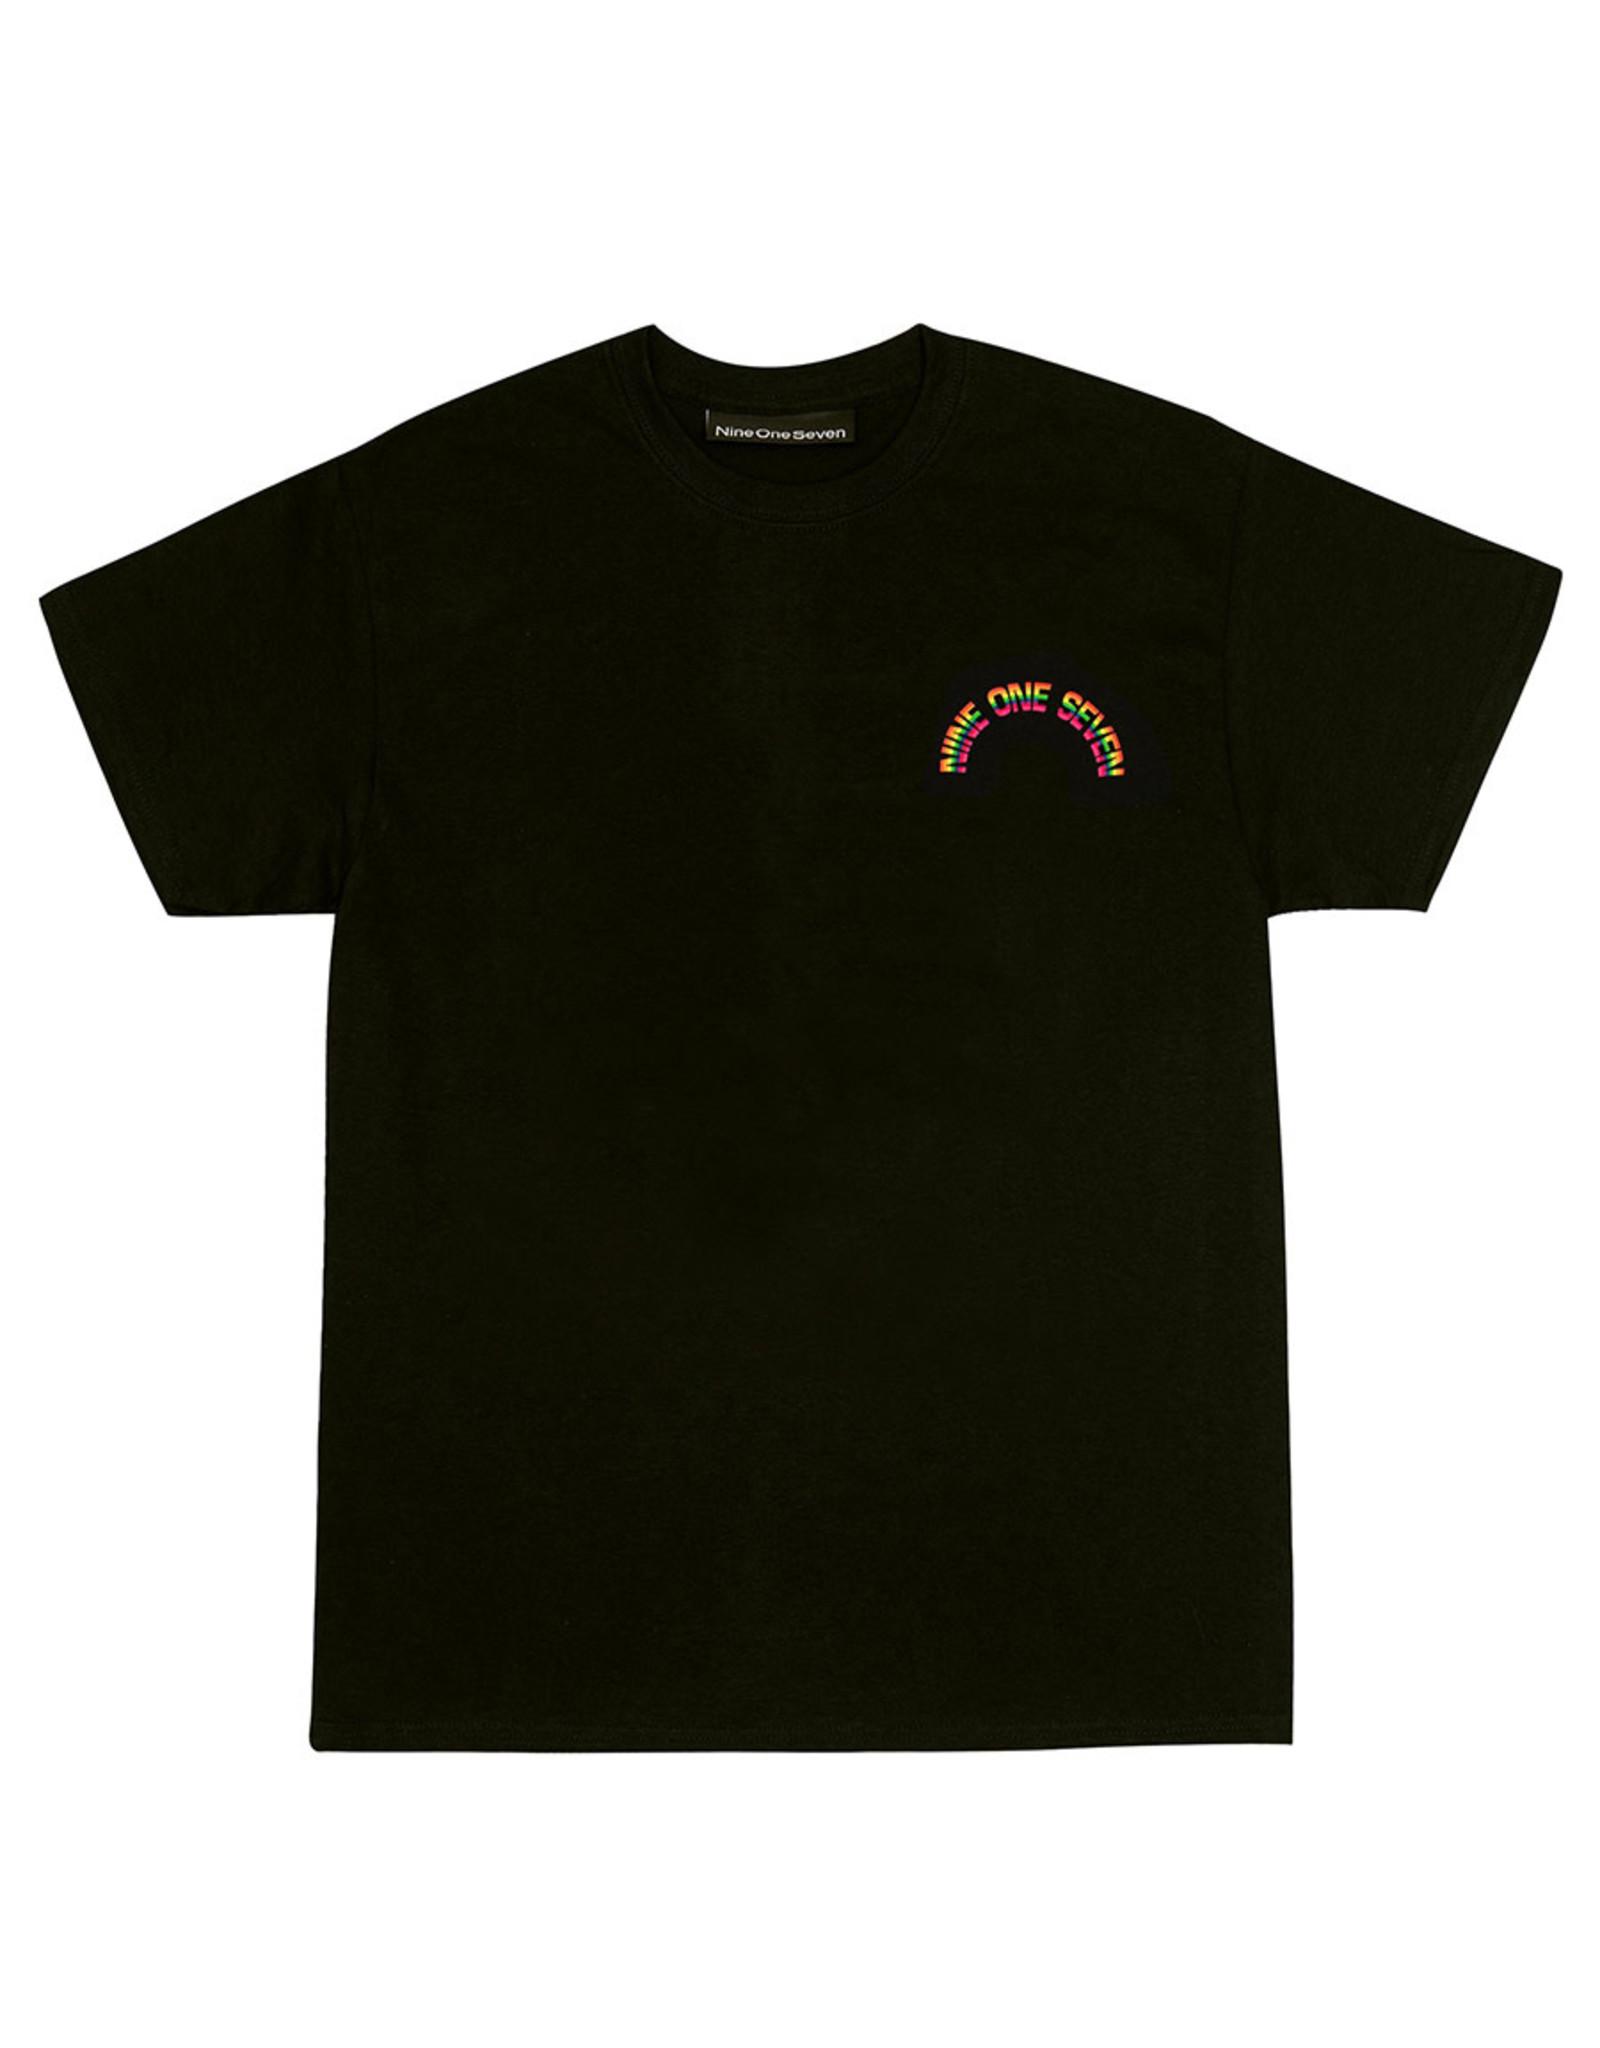 917 917 Tee Rainbow S/S (Black)